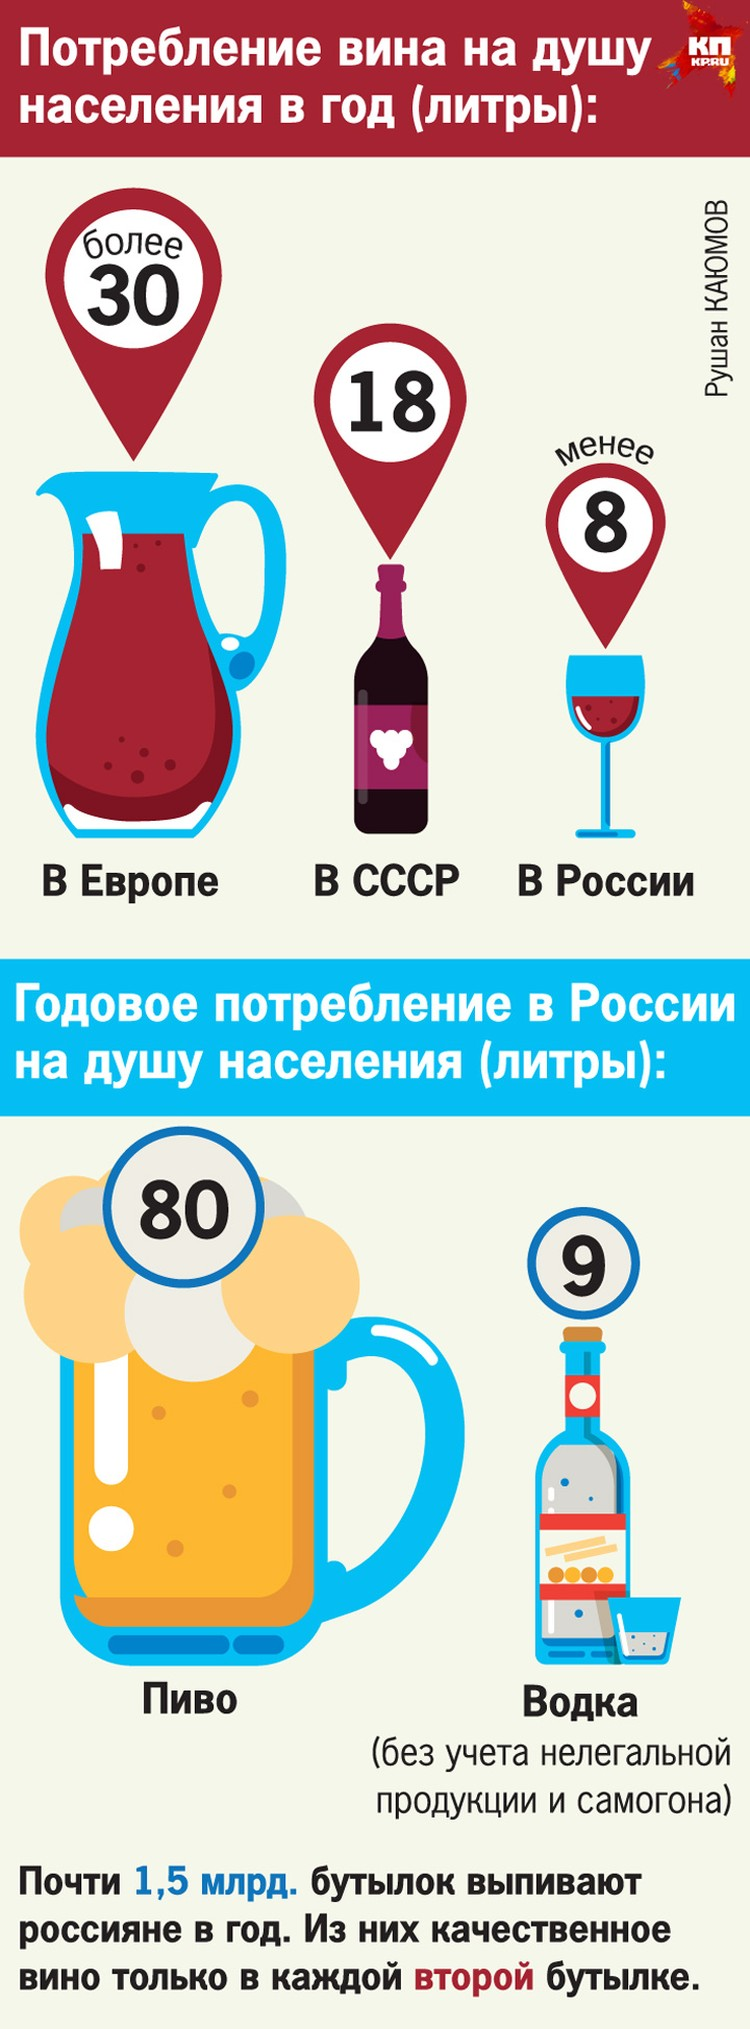 Потребление вина на душу населения.